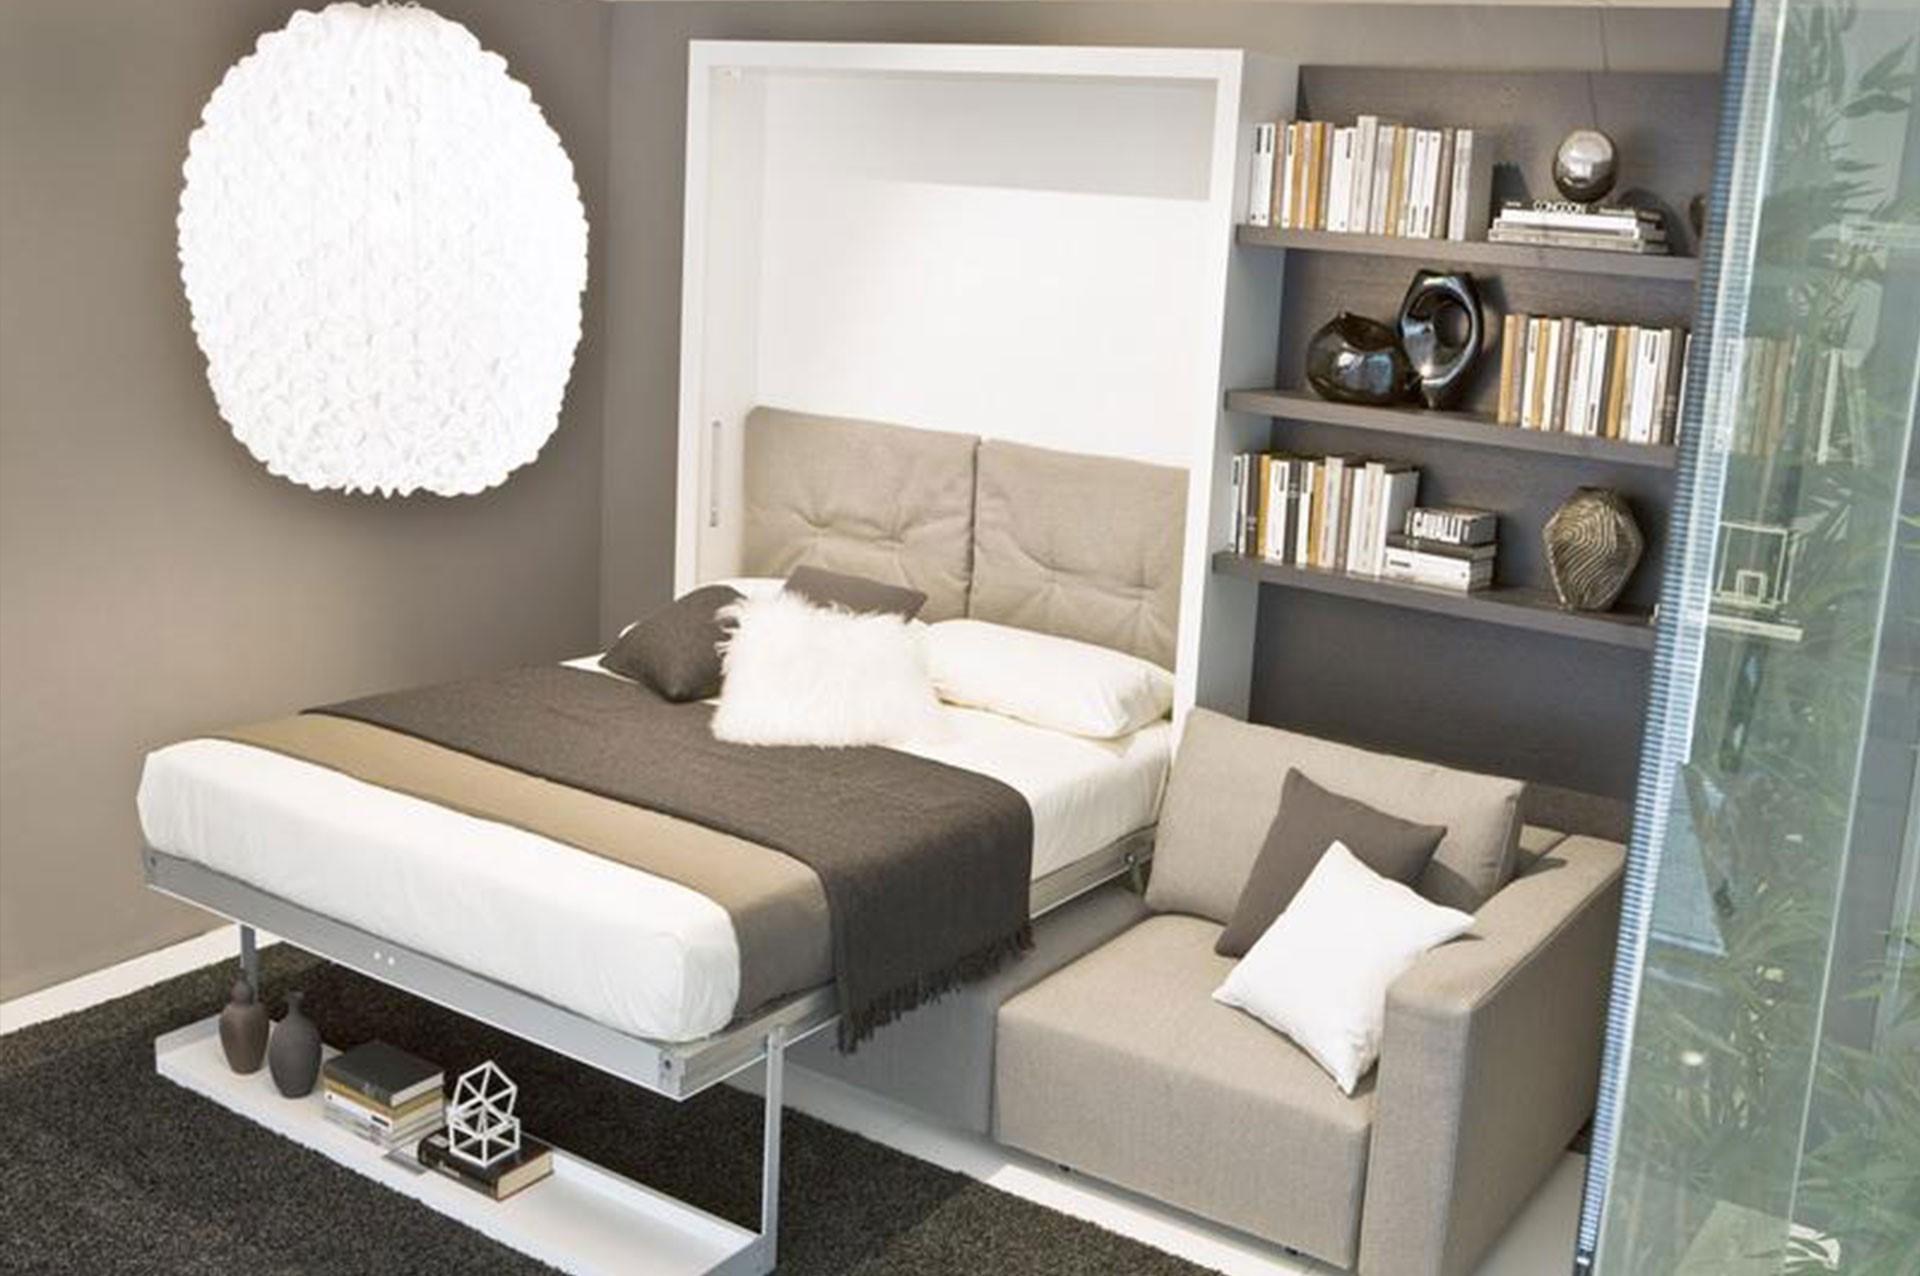 Welches Sofa passt am besten in ein kleines Wohnzimmer?